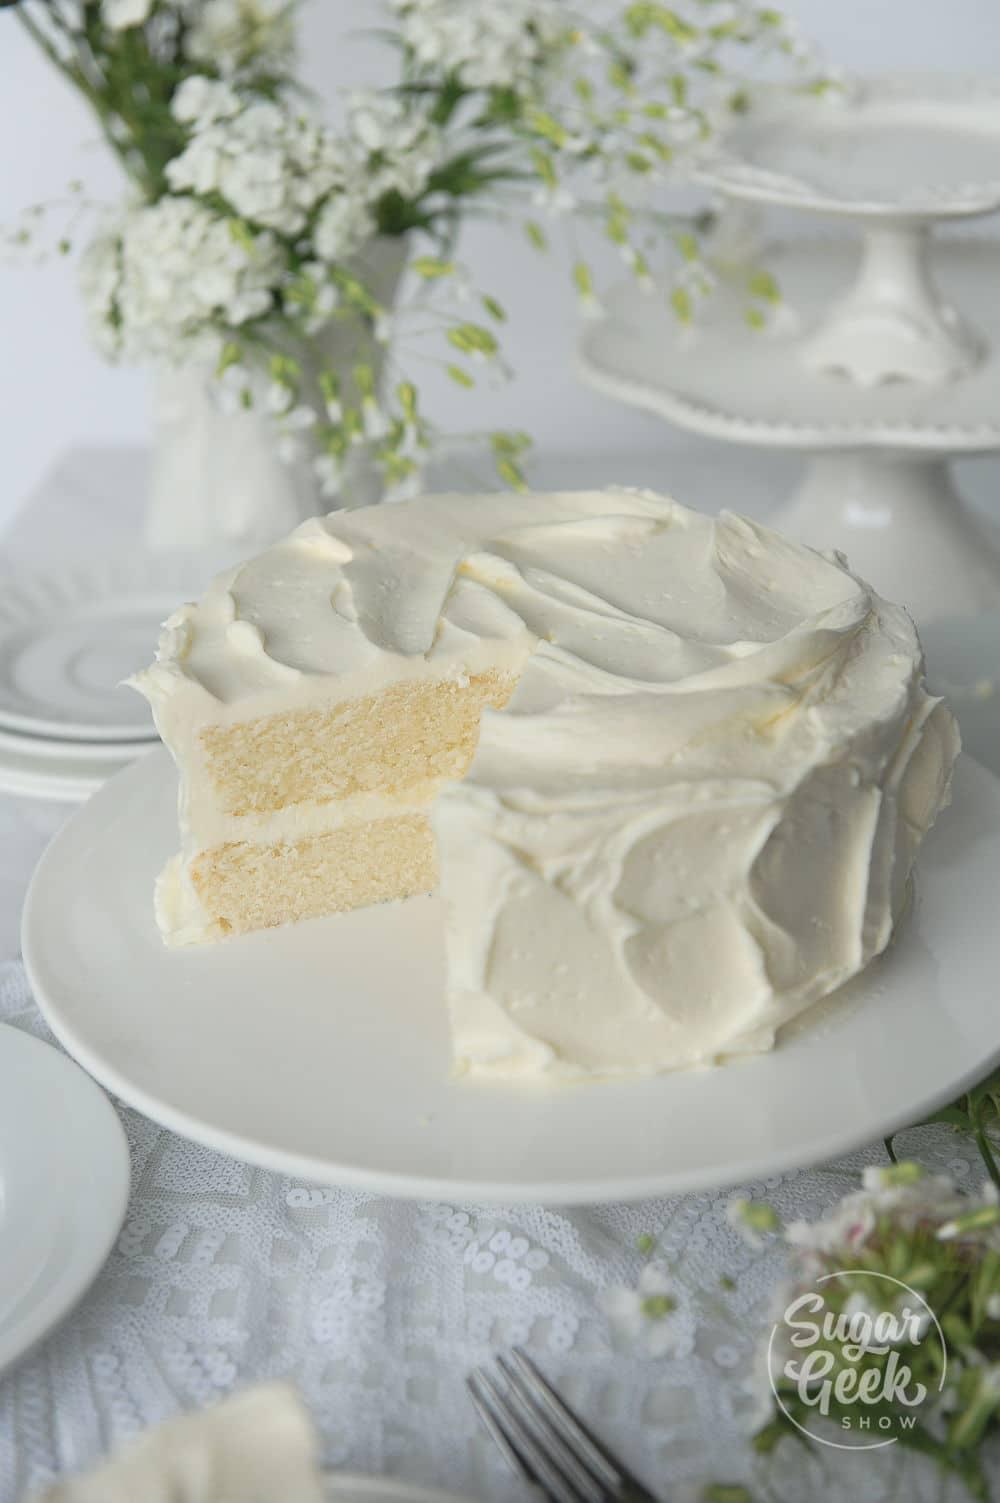 """recette simple de gâteau blanc """"width ="""" 1000 """"height ="""" 1503 """"srcset ="""" https://www.shop-ici-ailleurs.com/wp-content/uploads/2020/11/1604208561_193_Recette-de-gateau-blanc-a-partir-de-zero-doux-et.jpg 1000w , https://sugargeekshow.com/wp-content/uploads/2018/03/white-cake-recipe-48-of-55-426x640.jpg 426w, https://sugargeekshow.com/wp-content/uploads/ 2018/03 / recette-de-gateau-blanc-48-de-55-768x1154.jpg 768w, https://sugargeekshow.com/wp-content/uploads/2018/03/white-cake-recipe-48-of-55 -532x800.jpg 532w """"tailles ="""" (largeur max: 1000px) 100vw, 1000px"""